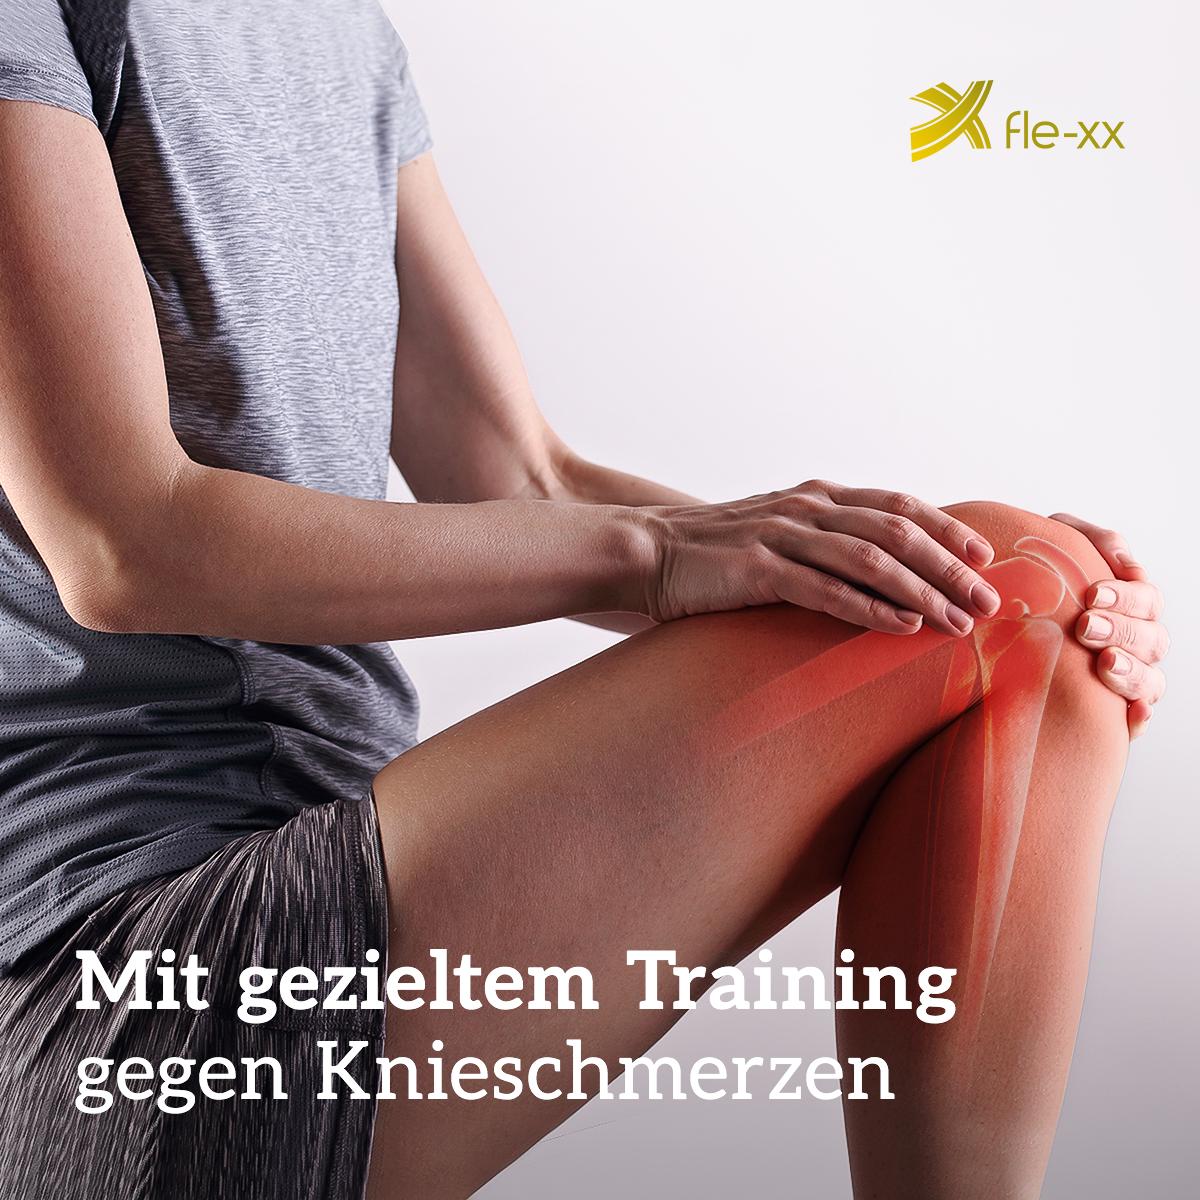 Mit_gezieltem_Trainiong_gegen_Knieschmerzen